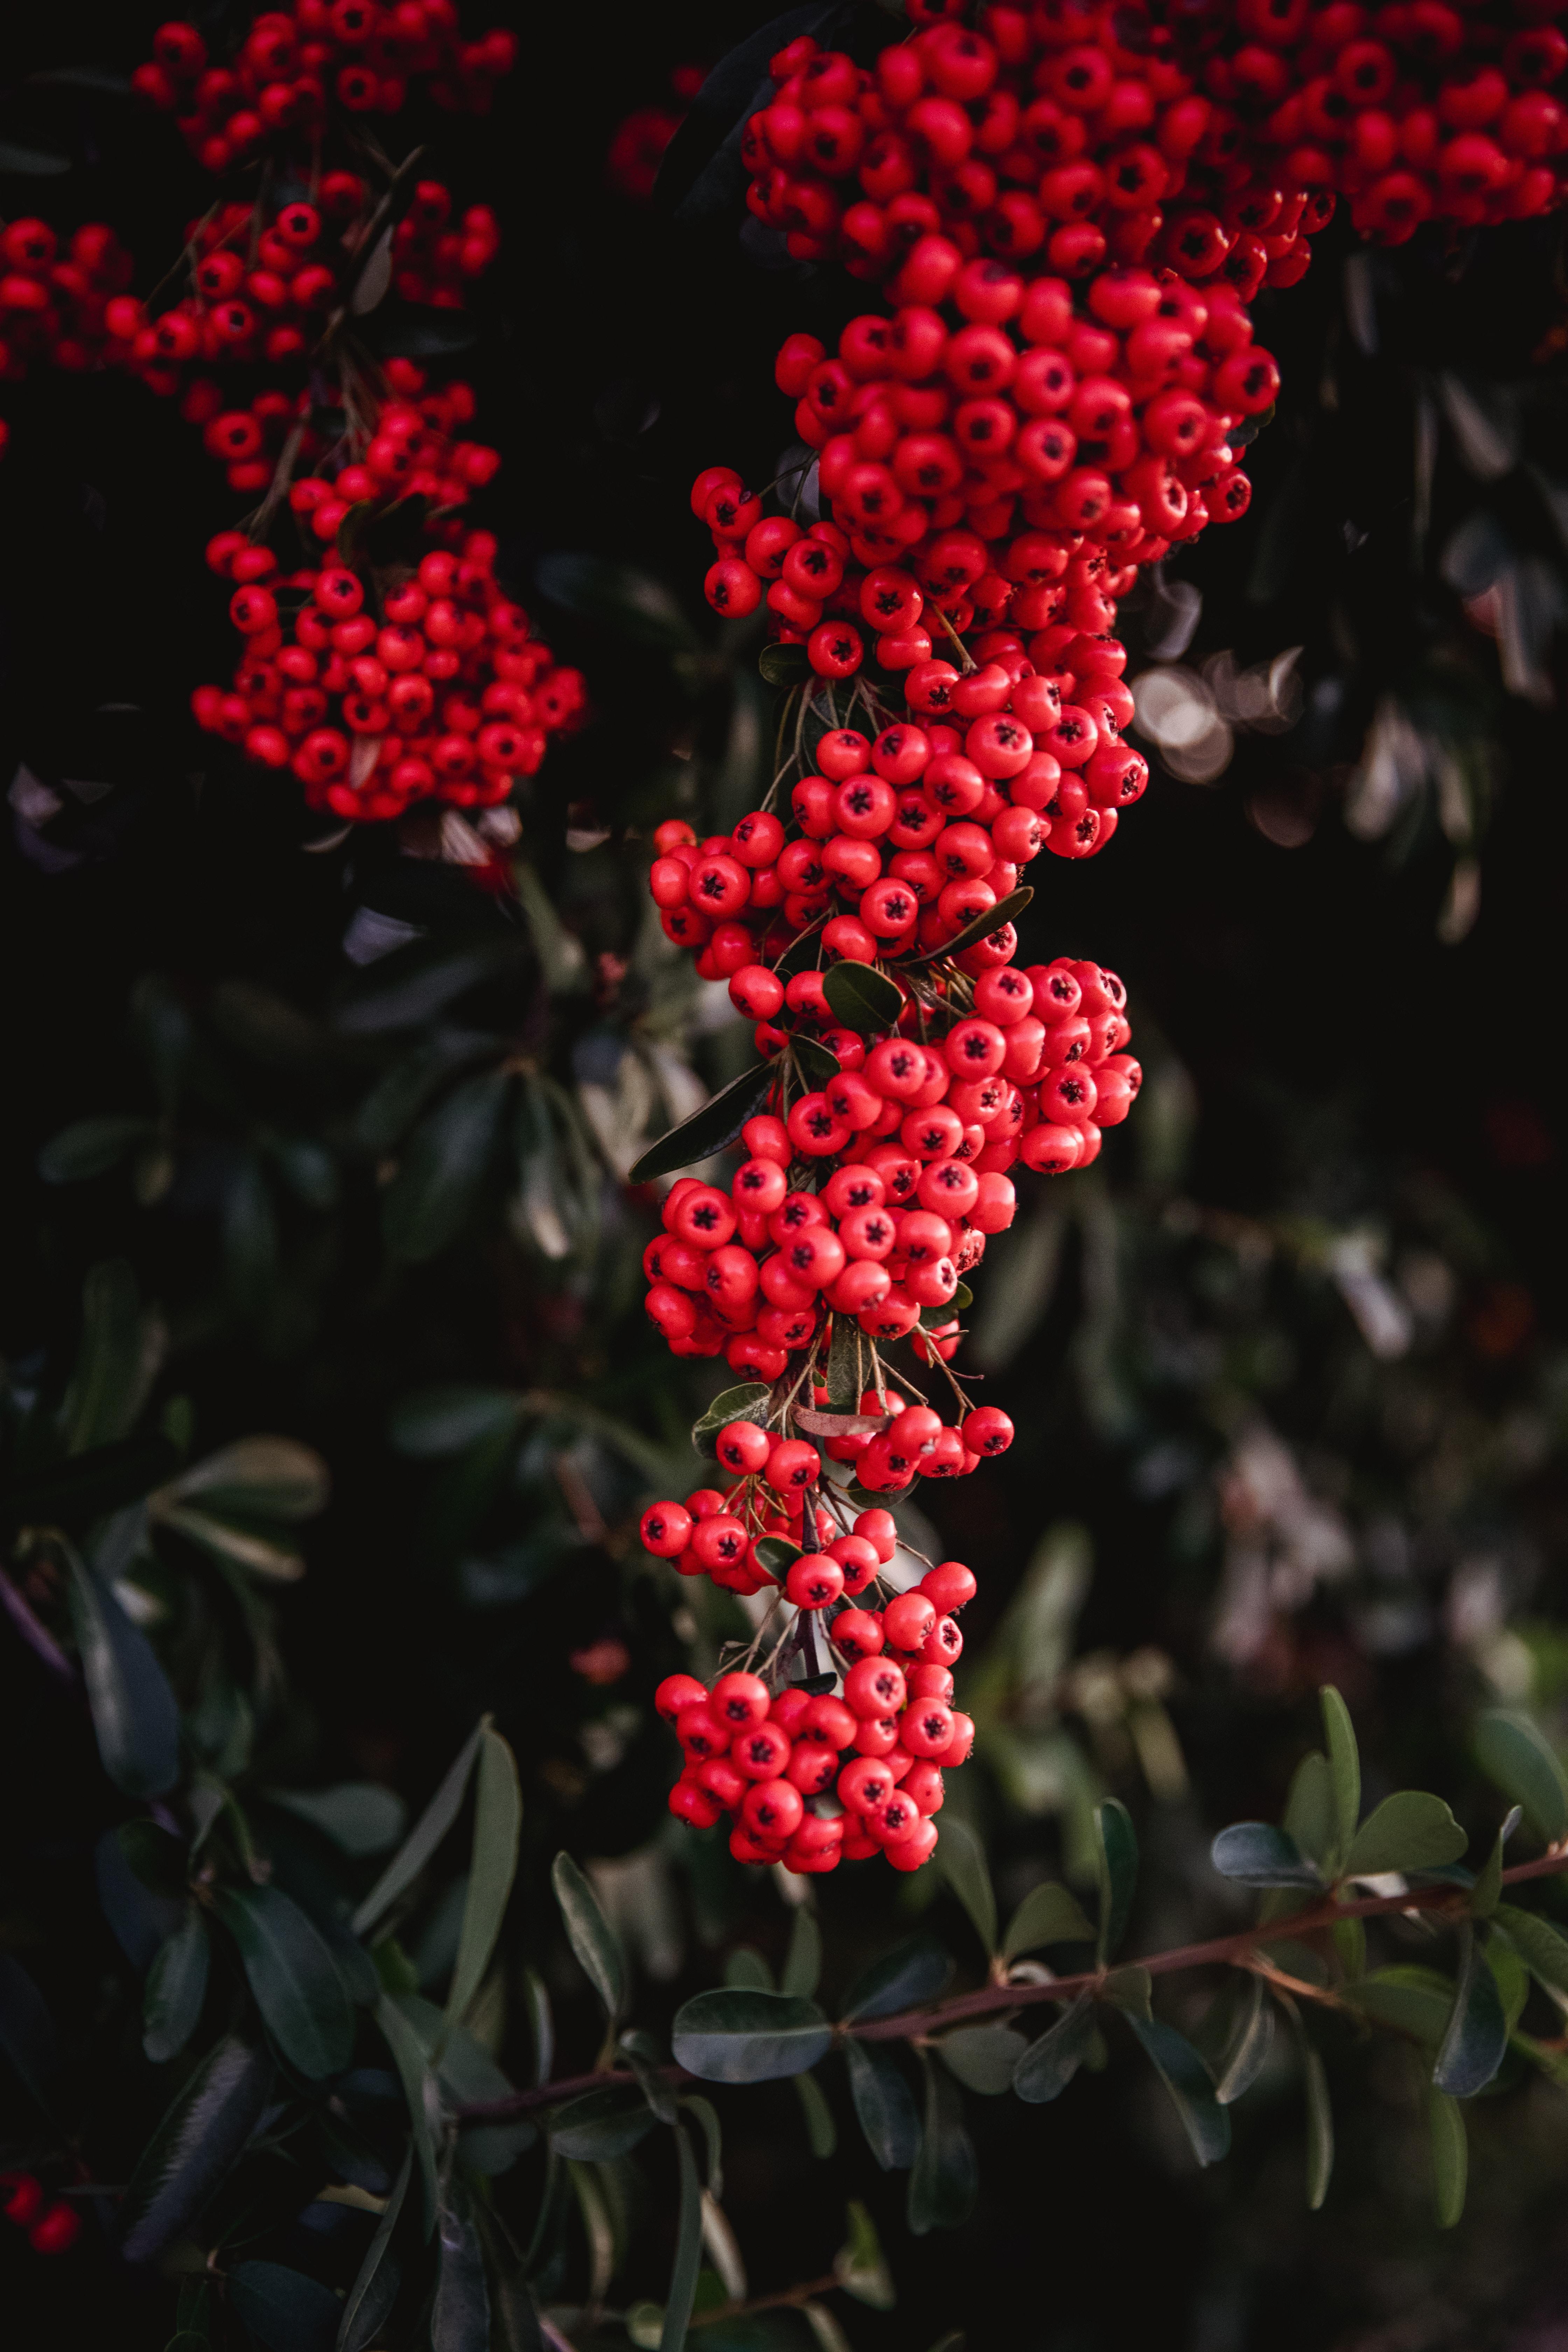 60497 скачать обои Природа, Рябина, Красный, Грозди, Растение, Ягоды - заставки и картинки бесплатно